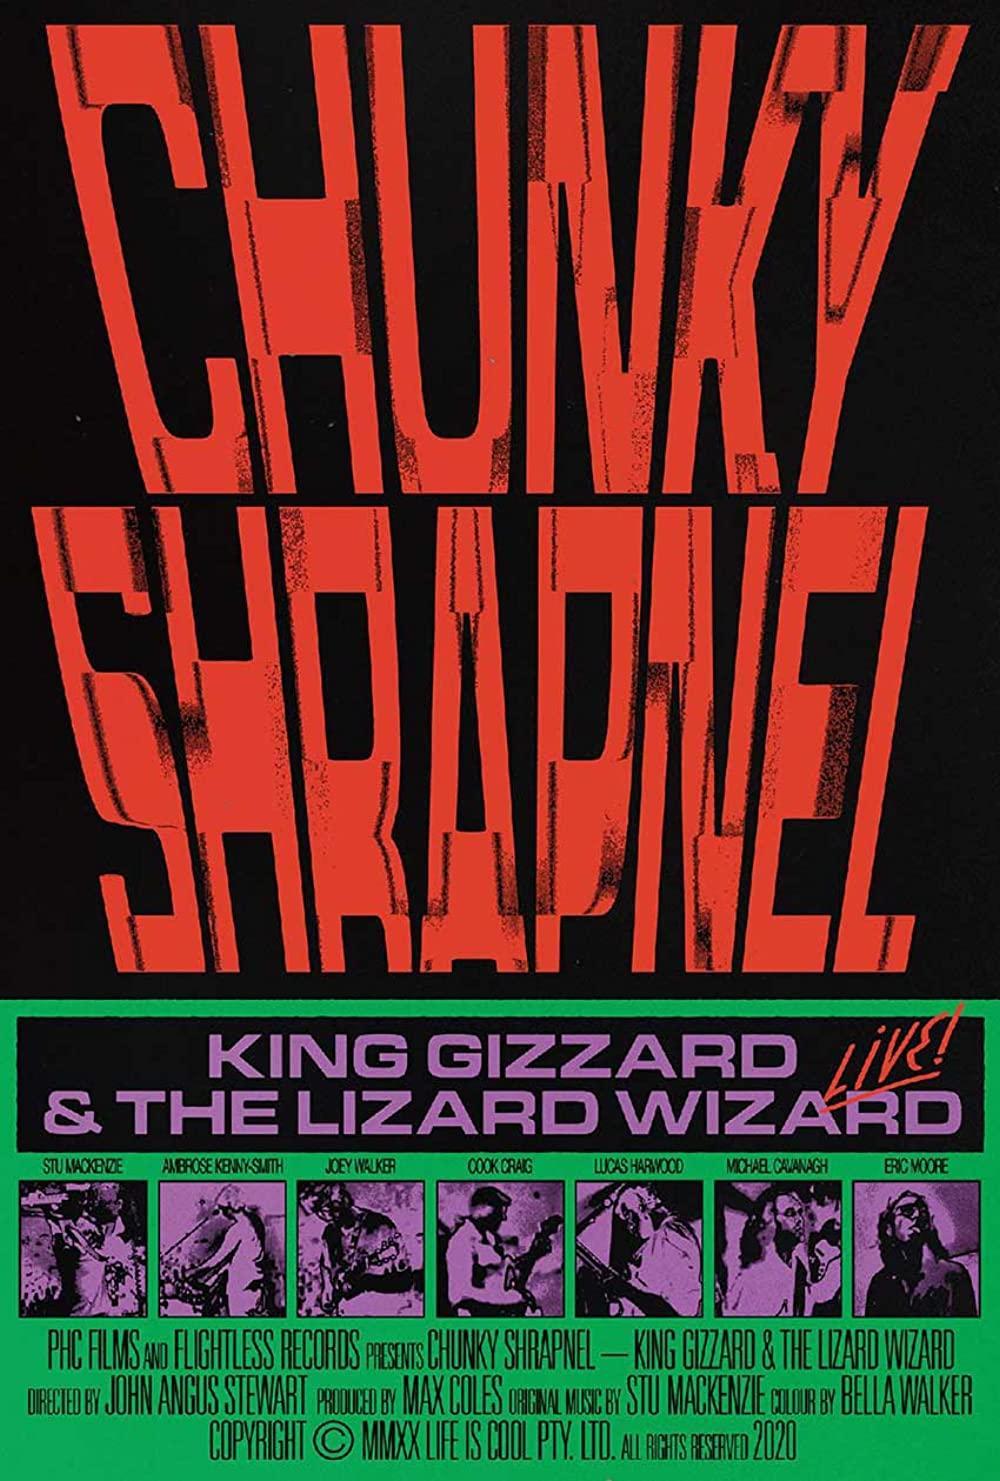 Chunky Shrapnel film poster